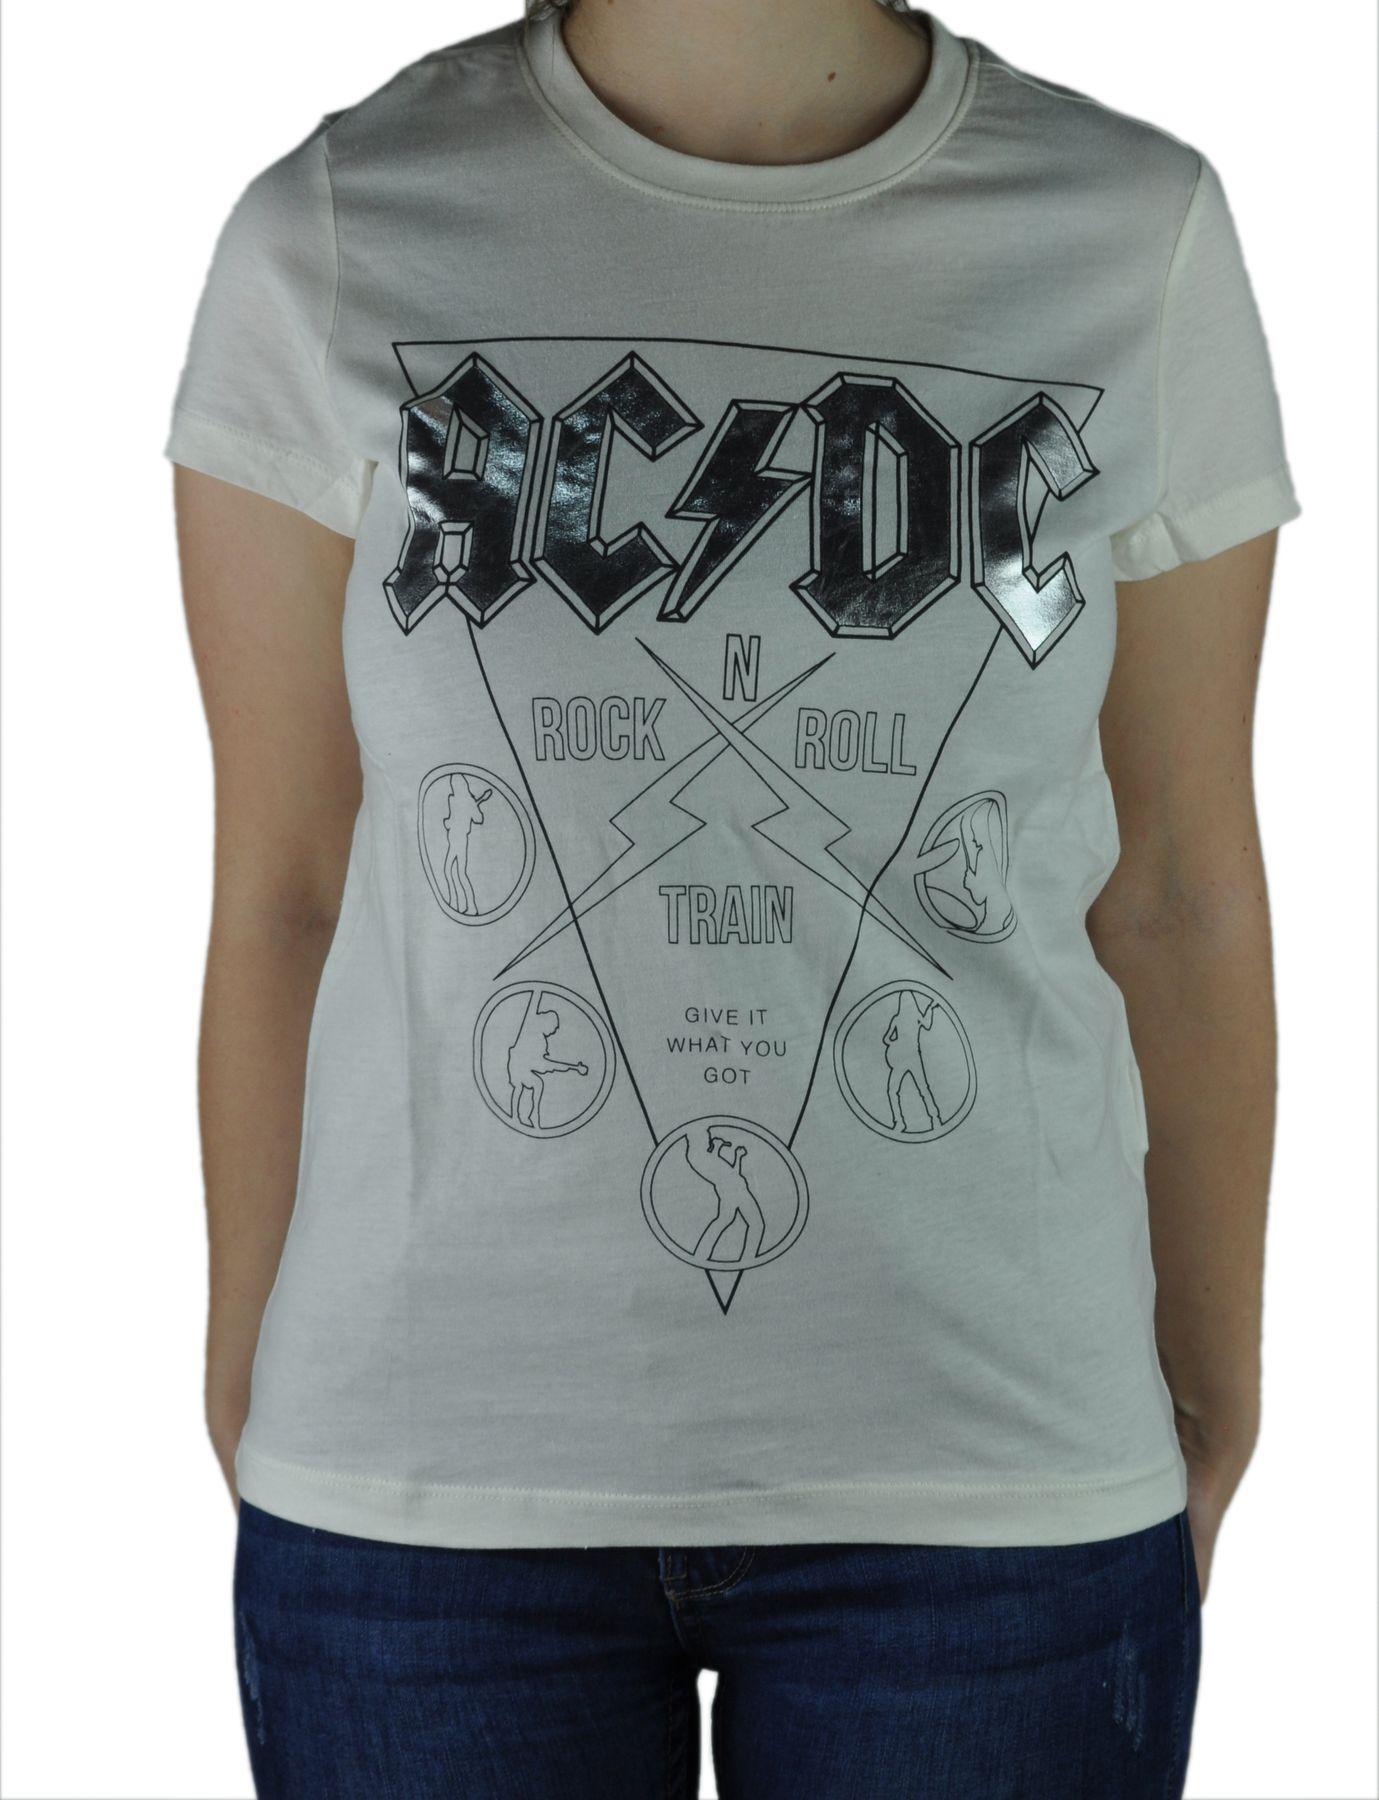 VERO MODA - Damen Shirt mit ACDC oder Pink Floyd (10190172) – Bild 1